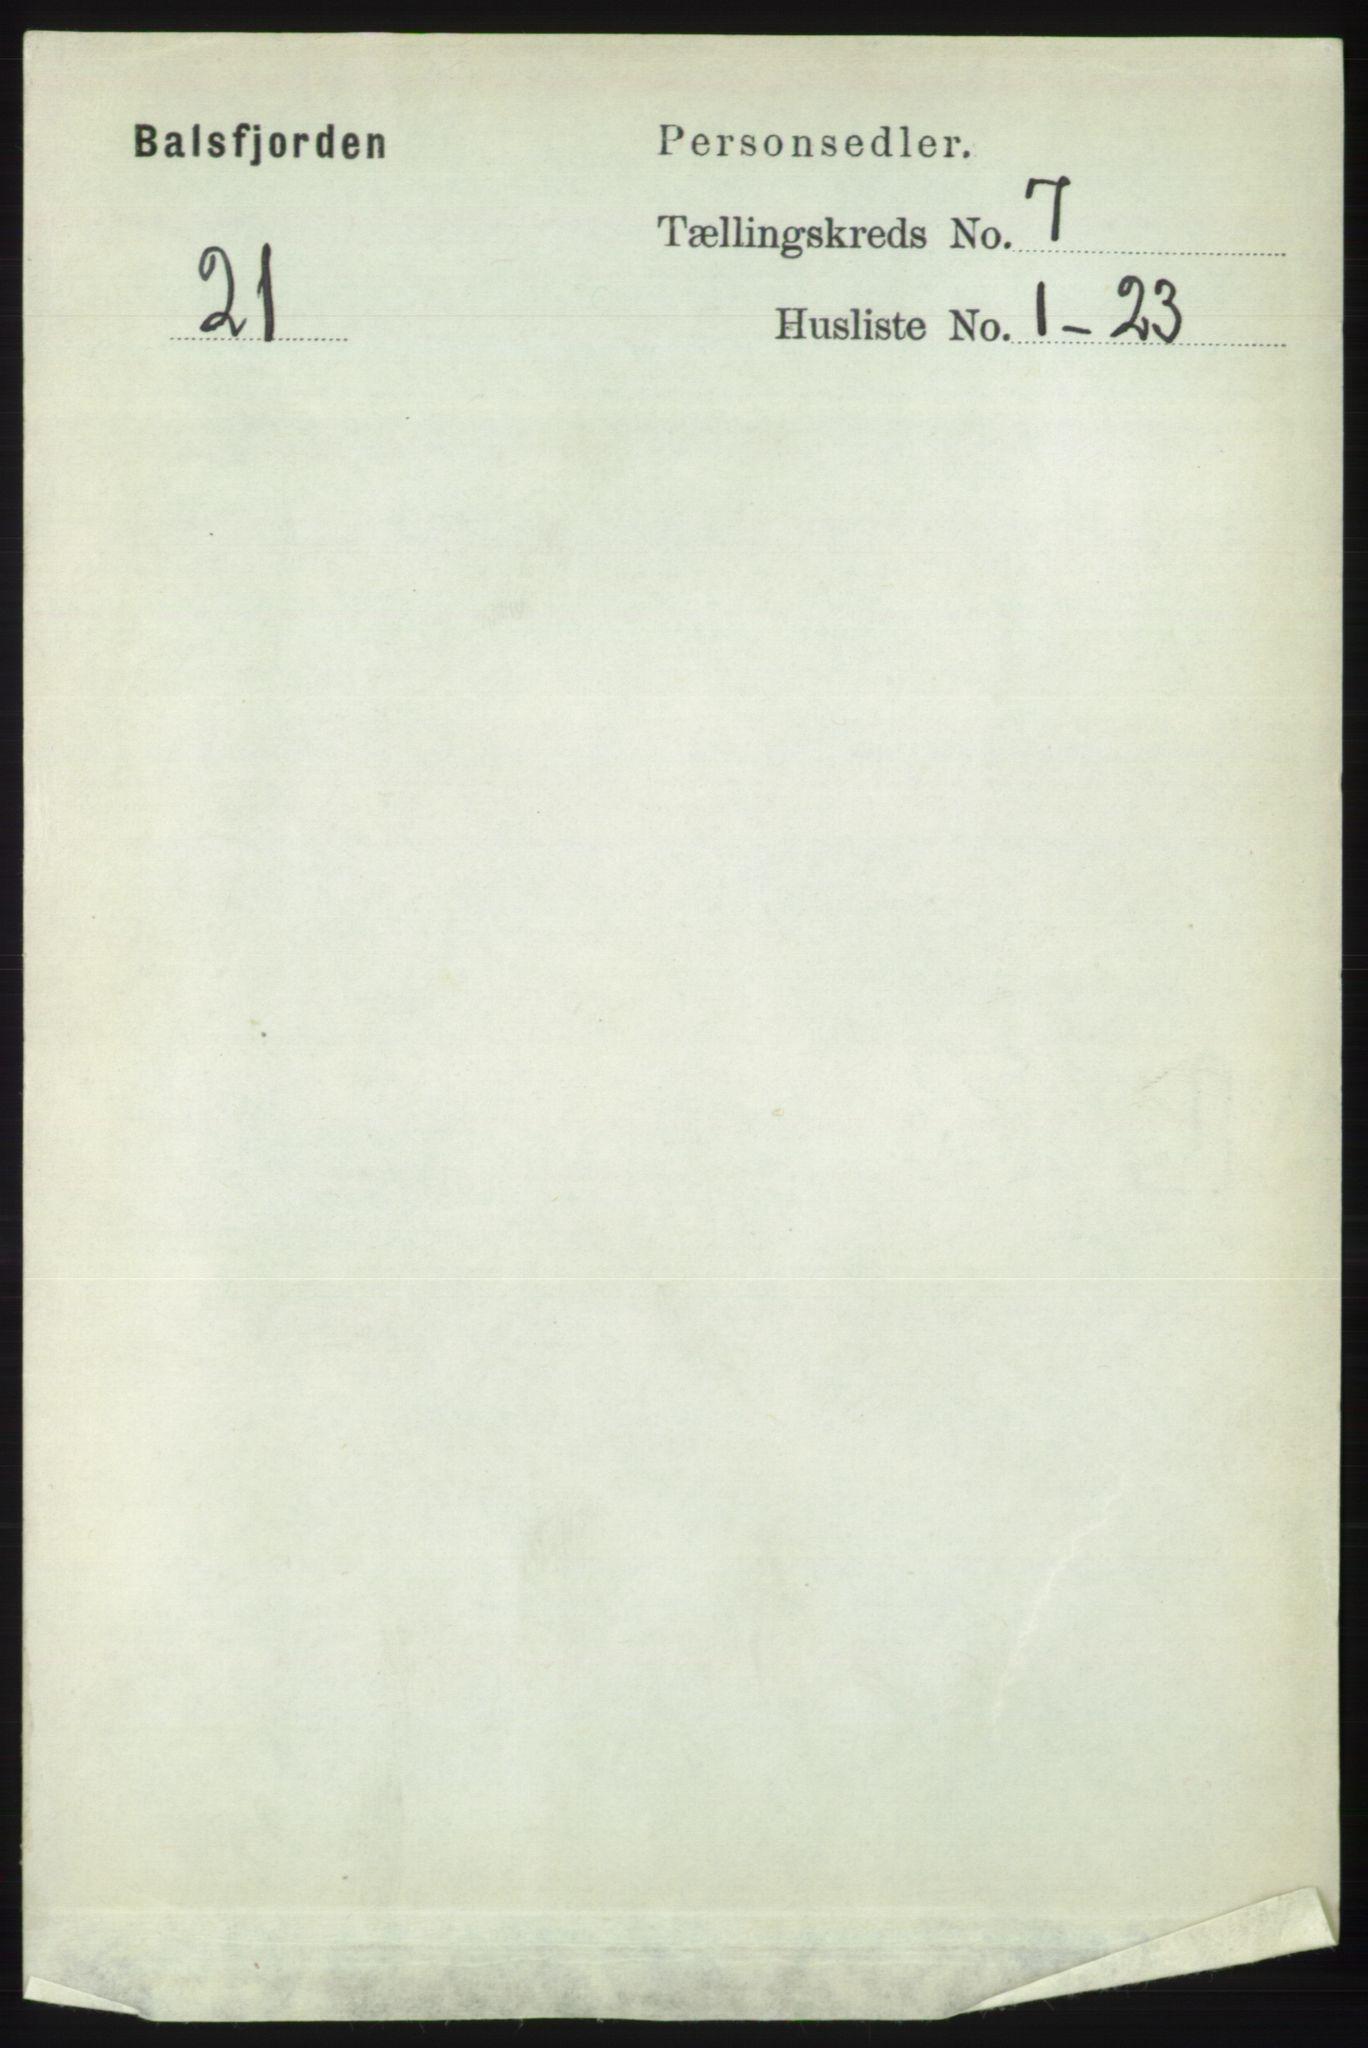 RA, Folketelling 1891 for 1933 Balsfjord herred, 1891, s. 2022